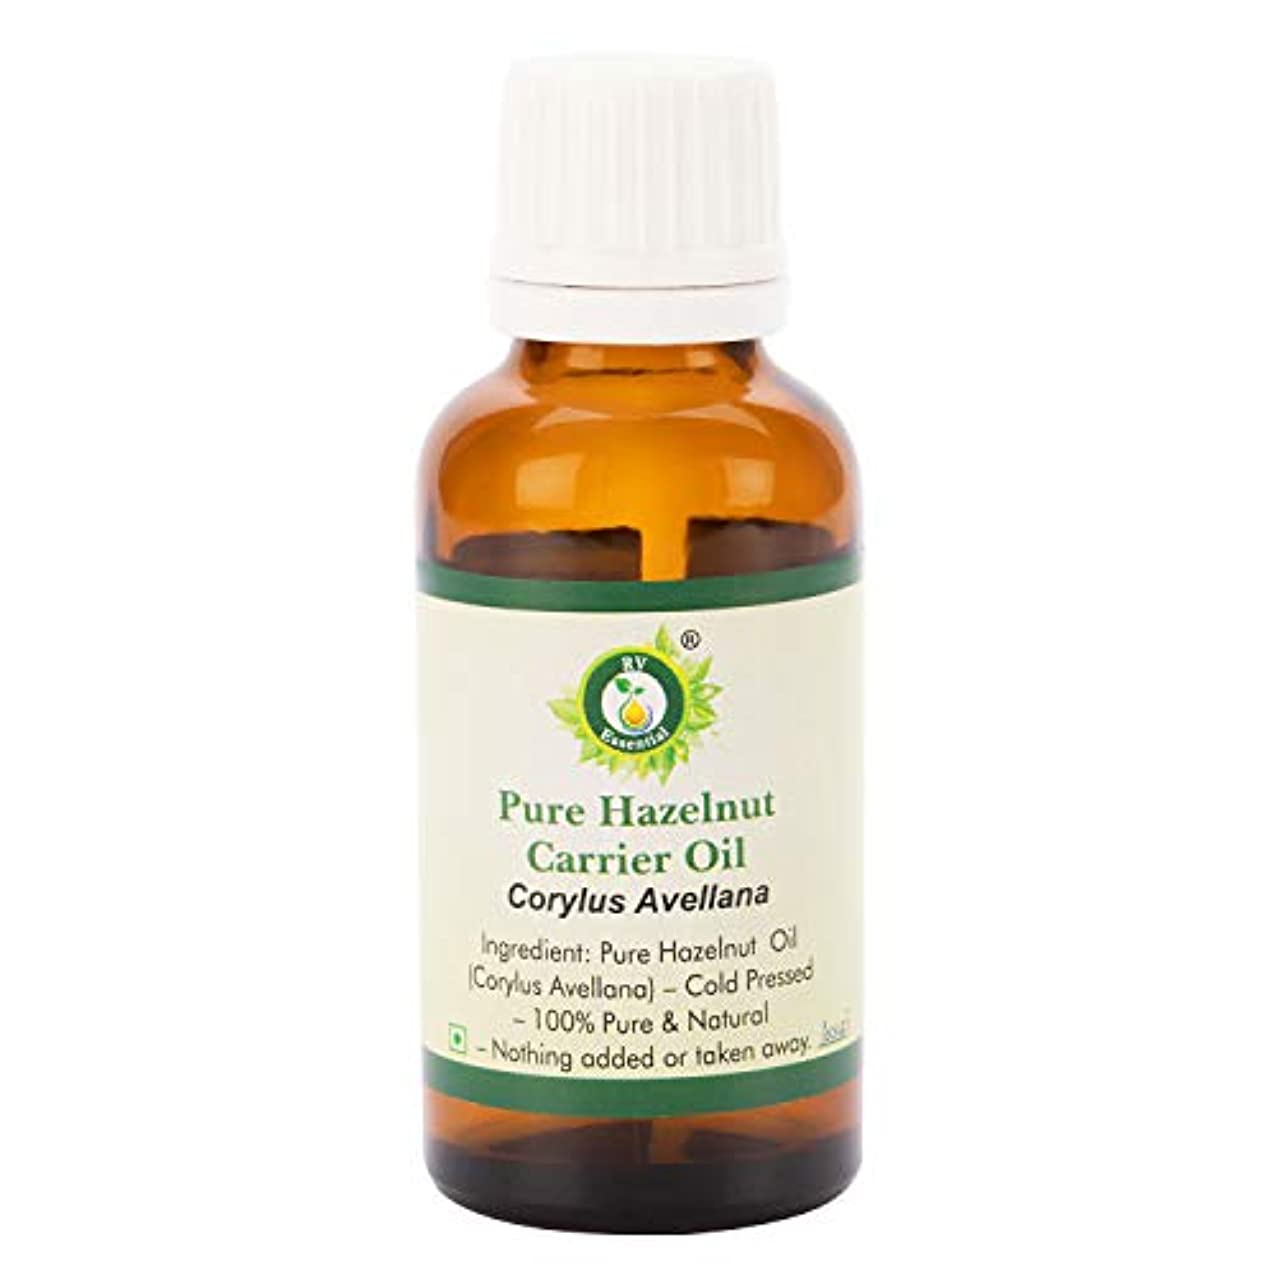 ナビゲーション有益抽出ピュアヘーゼルナッツキャリアオイル100ml (3.38oz)- Corylus Avellana (100%ピュア&ナチュラルコールドPressed) Pure Hazelnut Carrier Oil